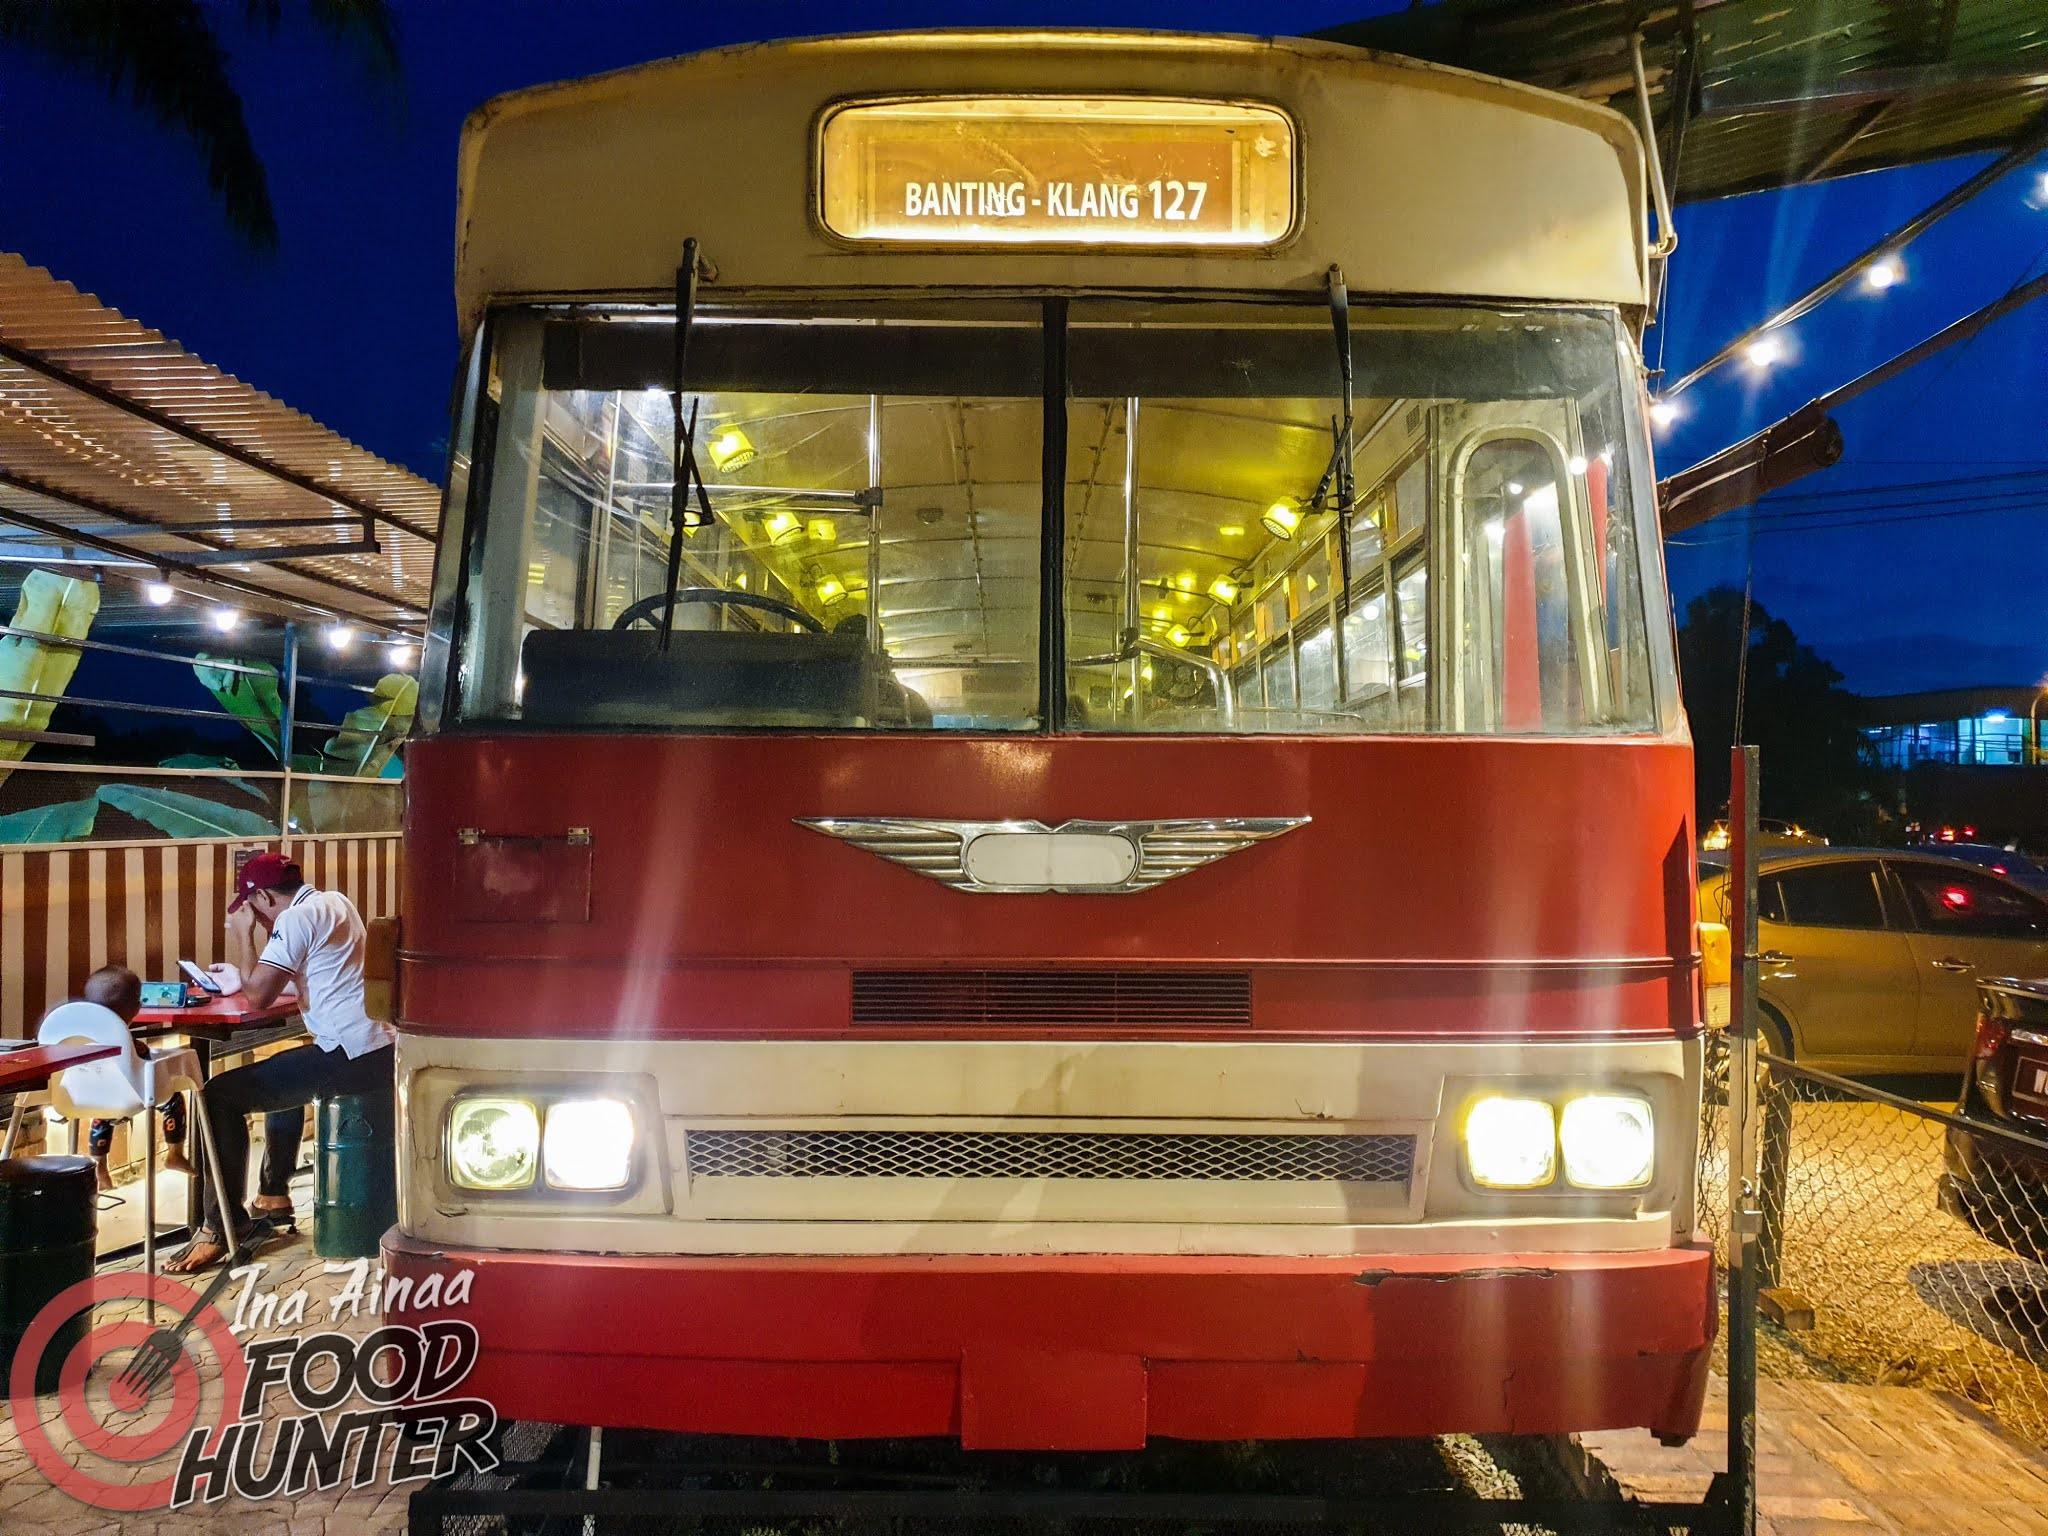 NIGHT BUS 127 - Hak Milik Ina Ainaa